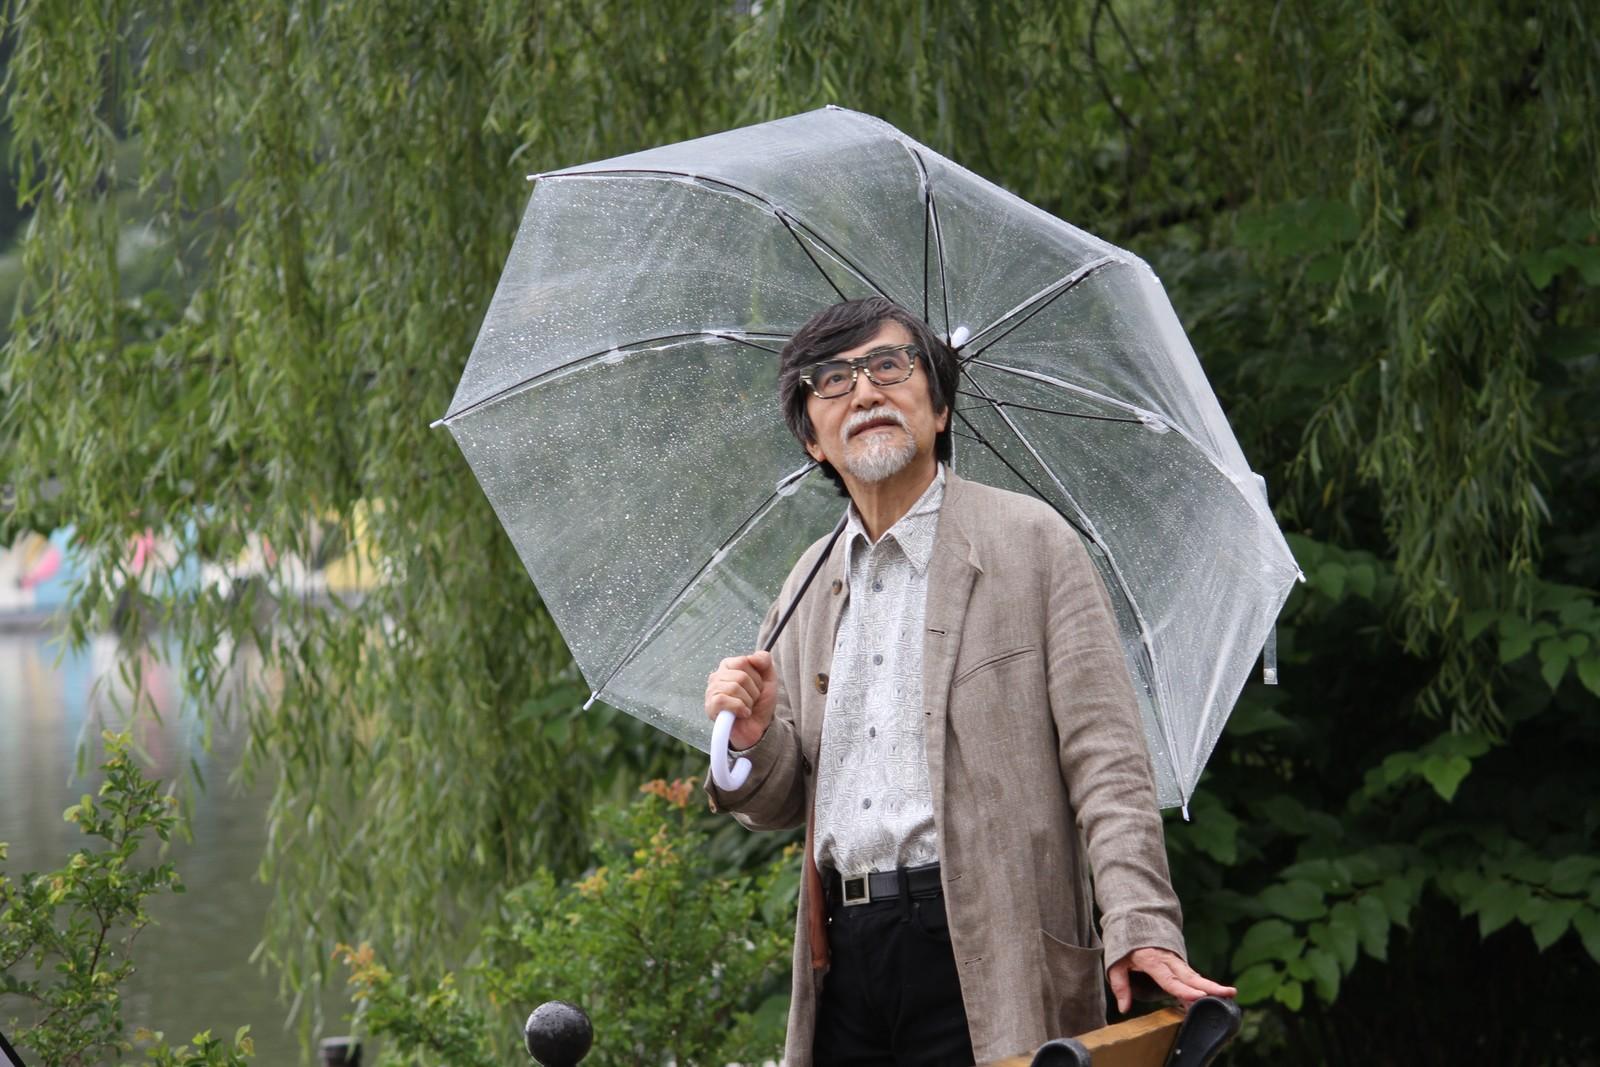 雨の散歩もいいもんじゃ,シニア,写真,画像,素材,老人,高齢者,フリー